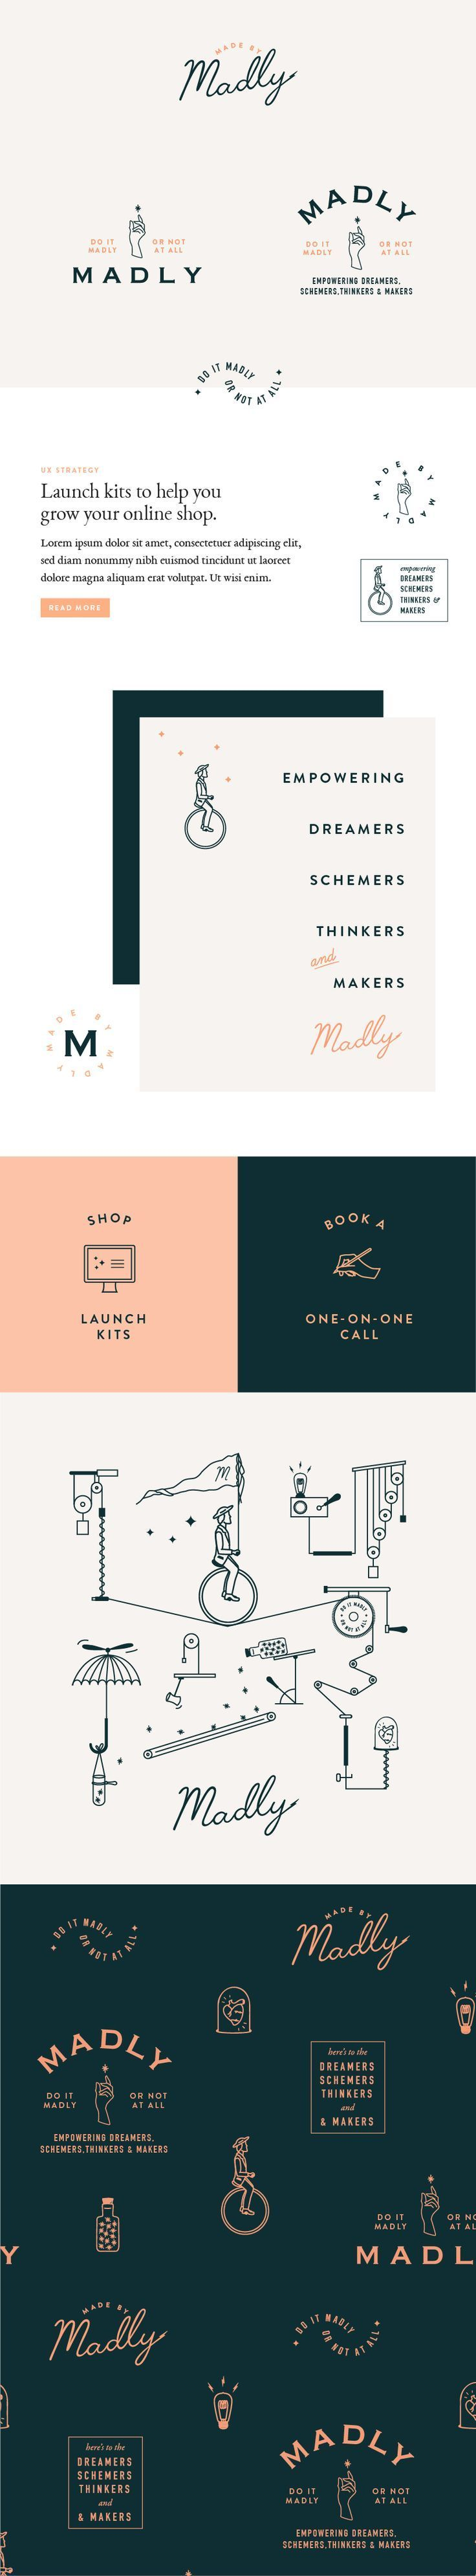 619 best design crush images on Pinterest